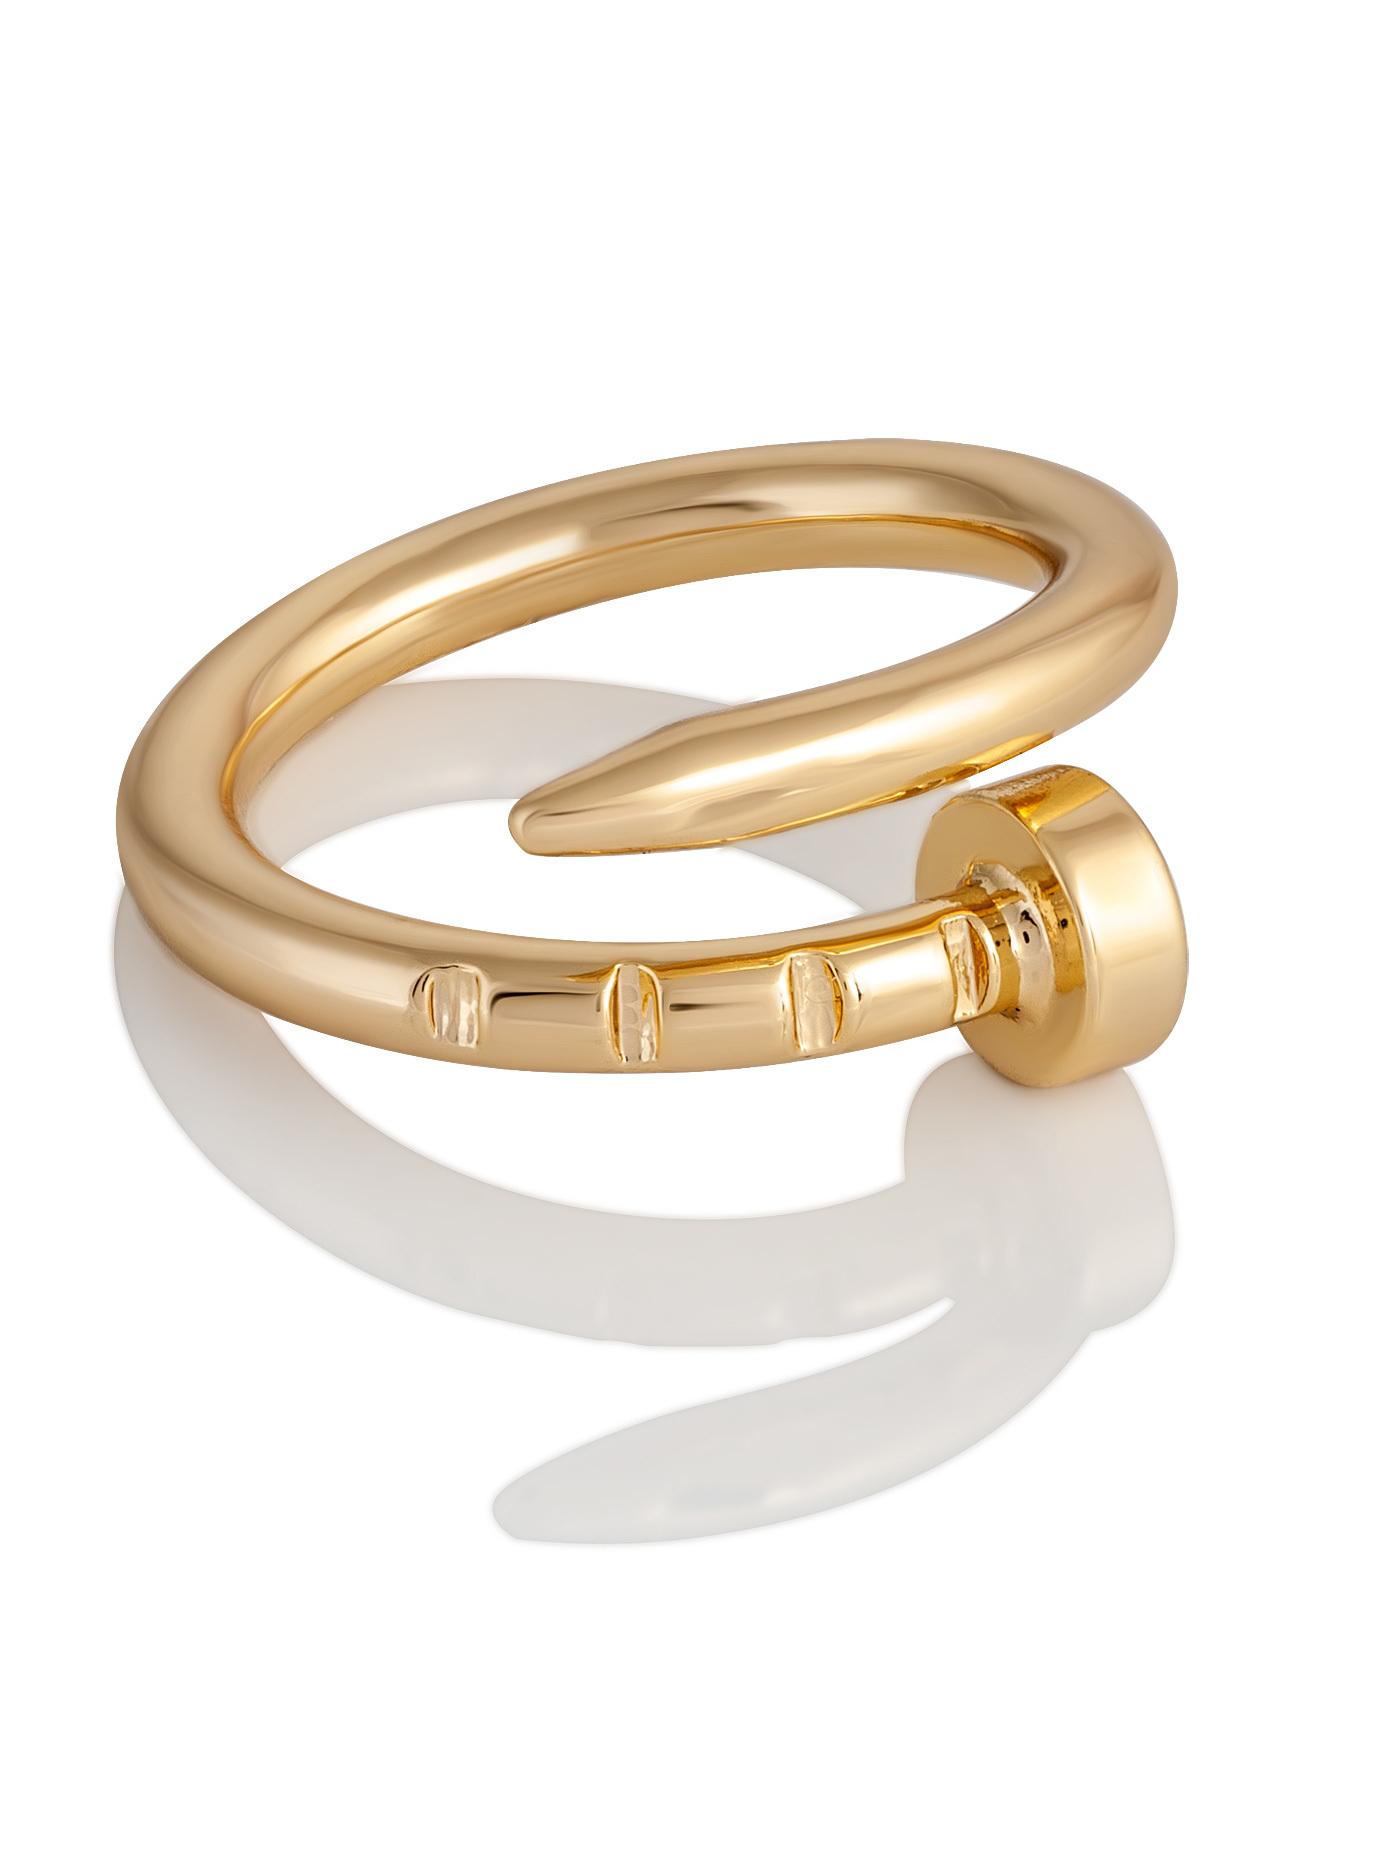 Дизайнерское кольцо Гвоздь в подарочной коробке